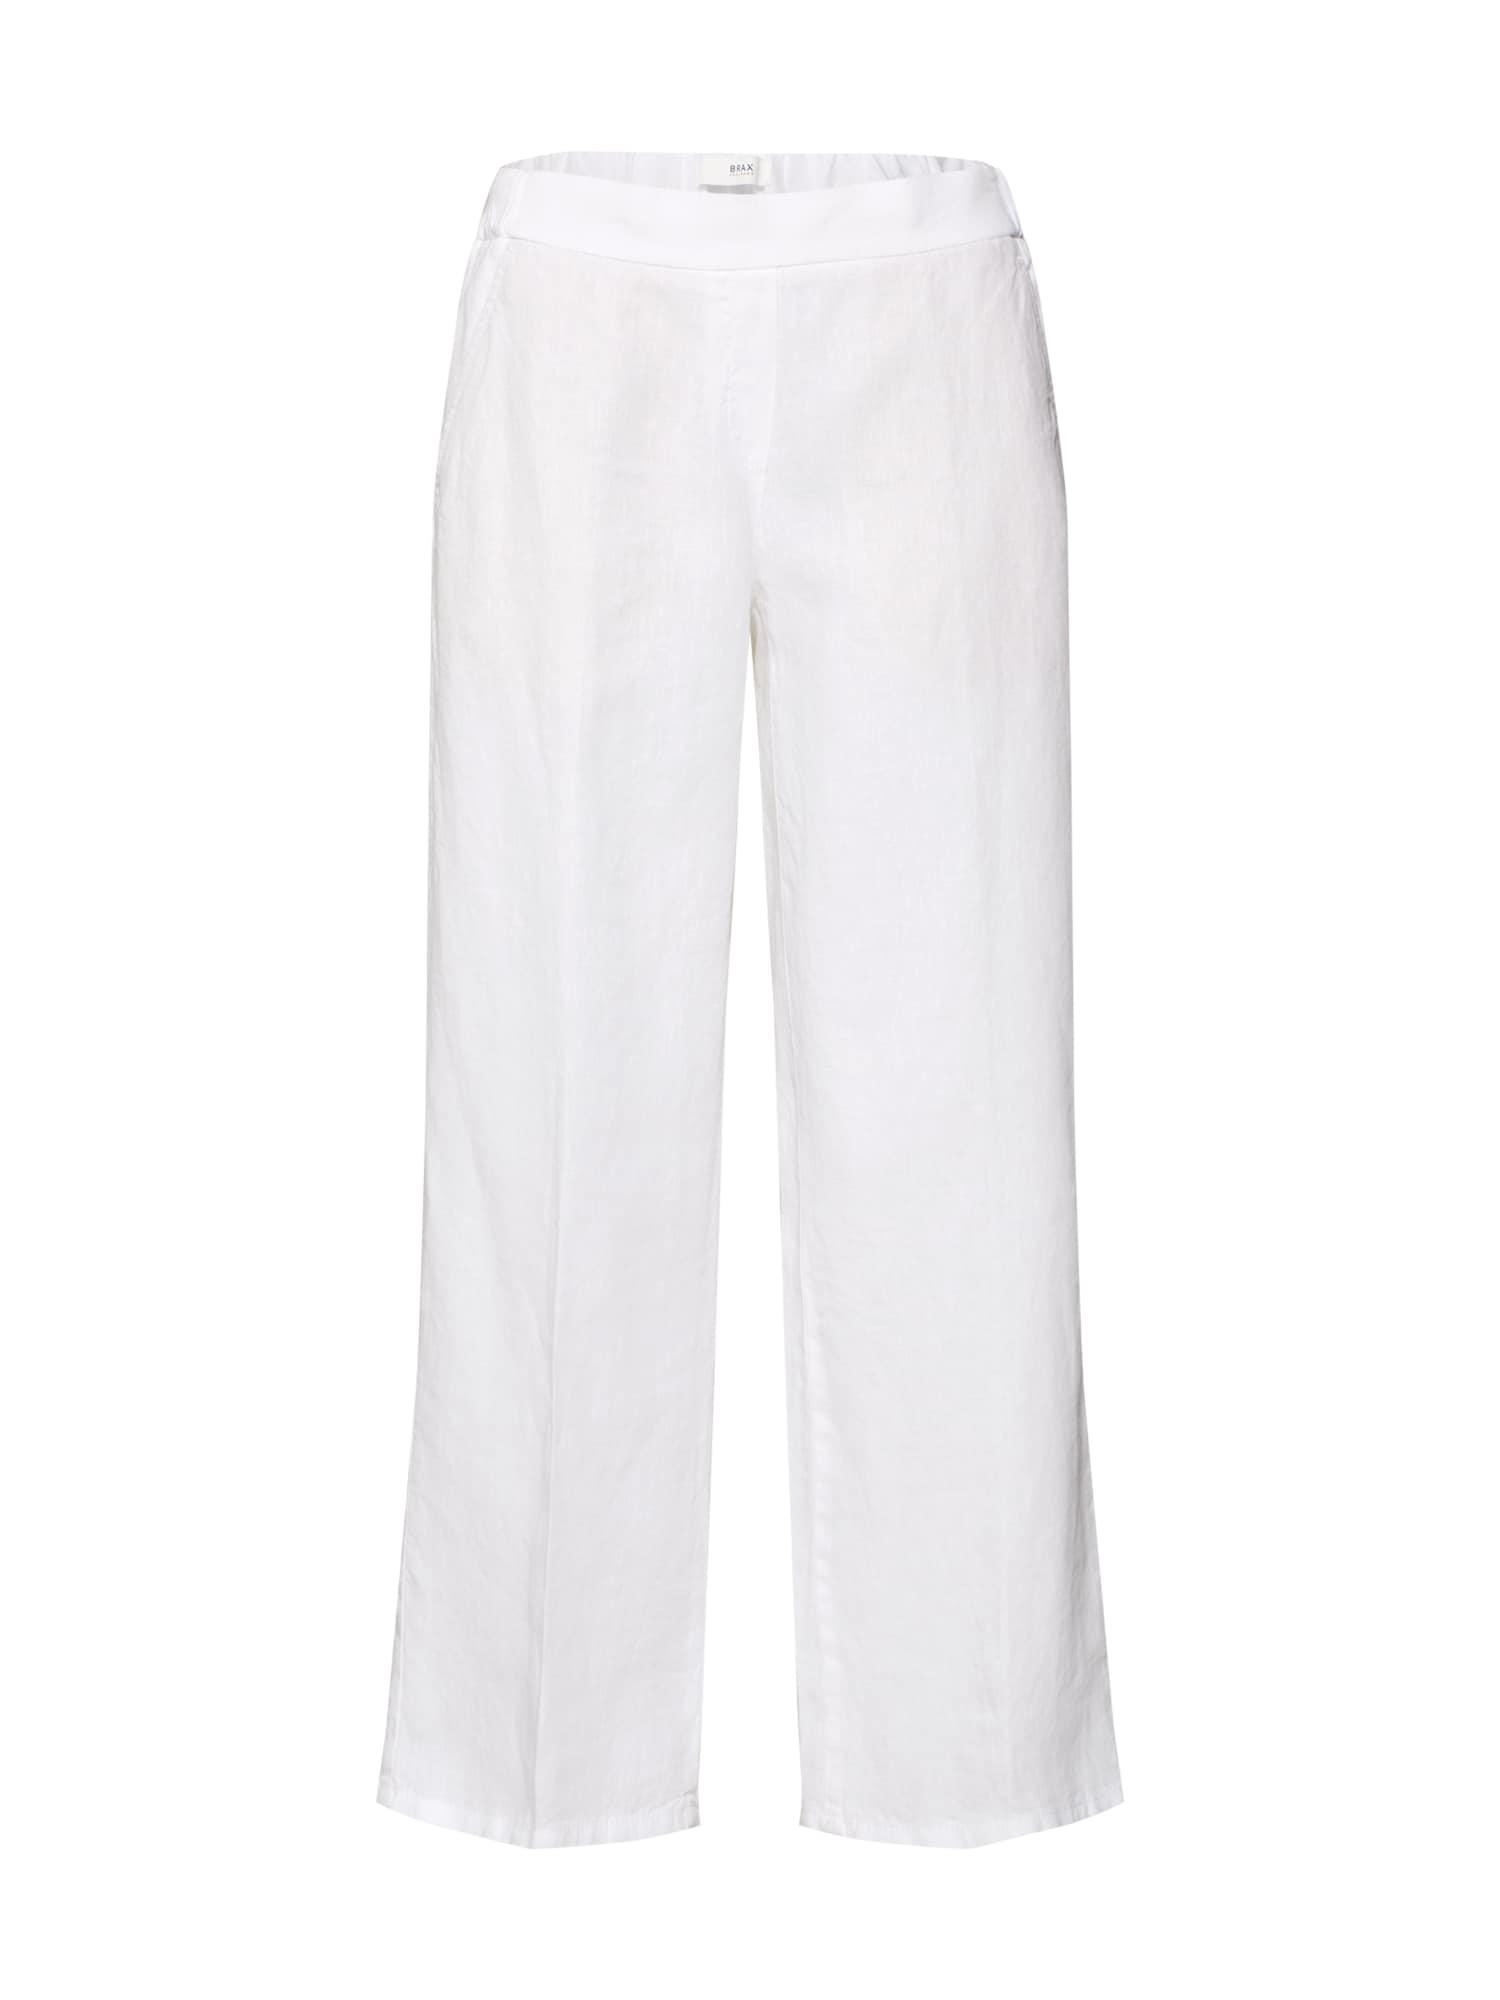 Kalhoty Maine S bílá BRAX